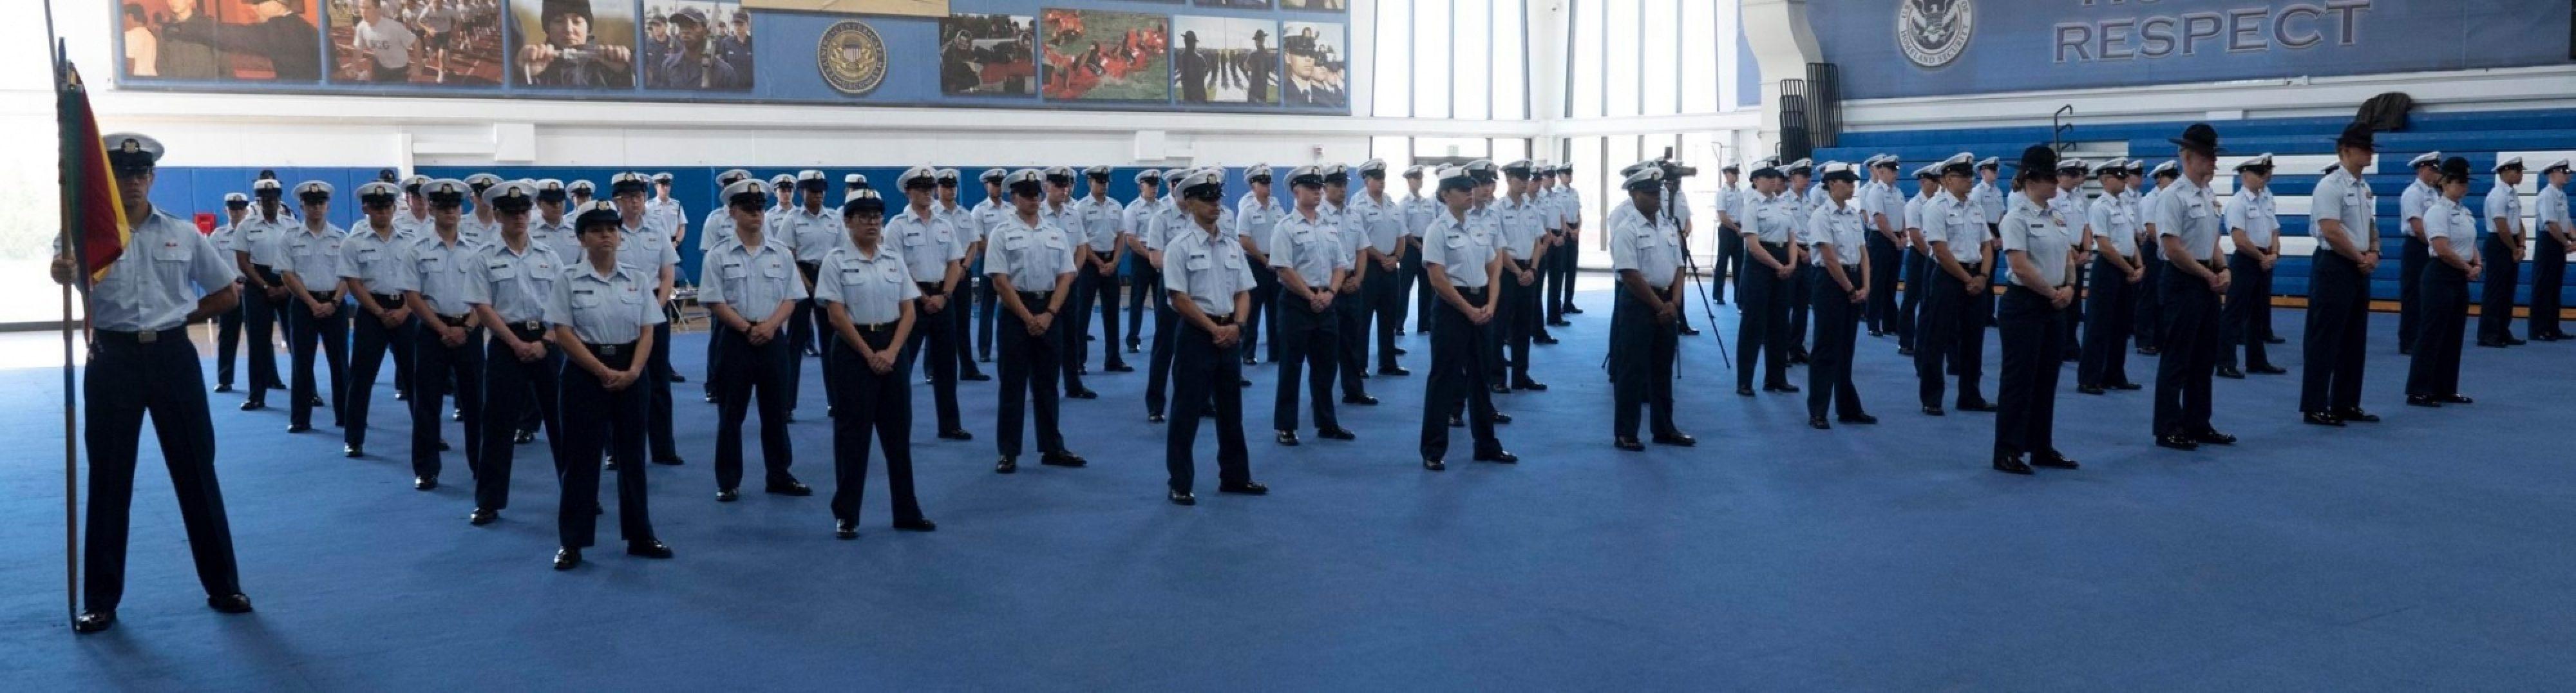 Coast Guard Graduation Oscar 198